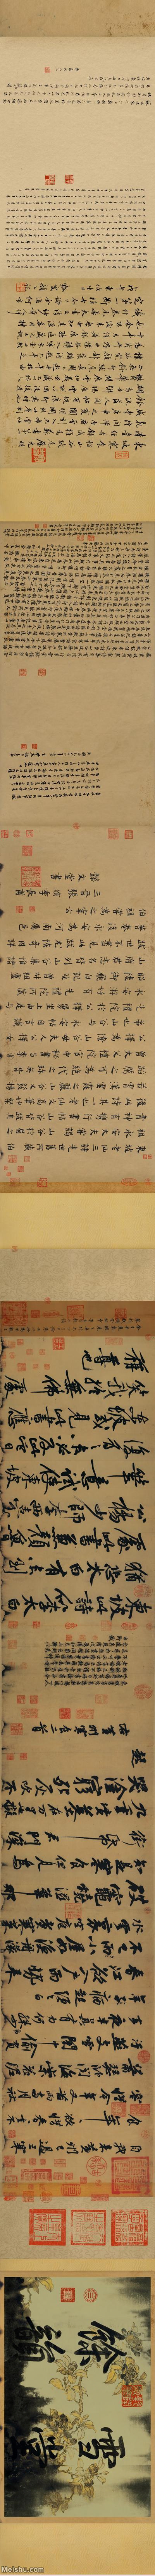 【超顶级】SF6031214书法长卷宋-苏轼黄州寒食帖纸本C版图片-814M-68898X4134.jpg